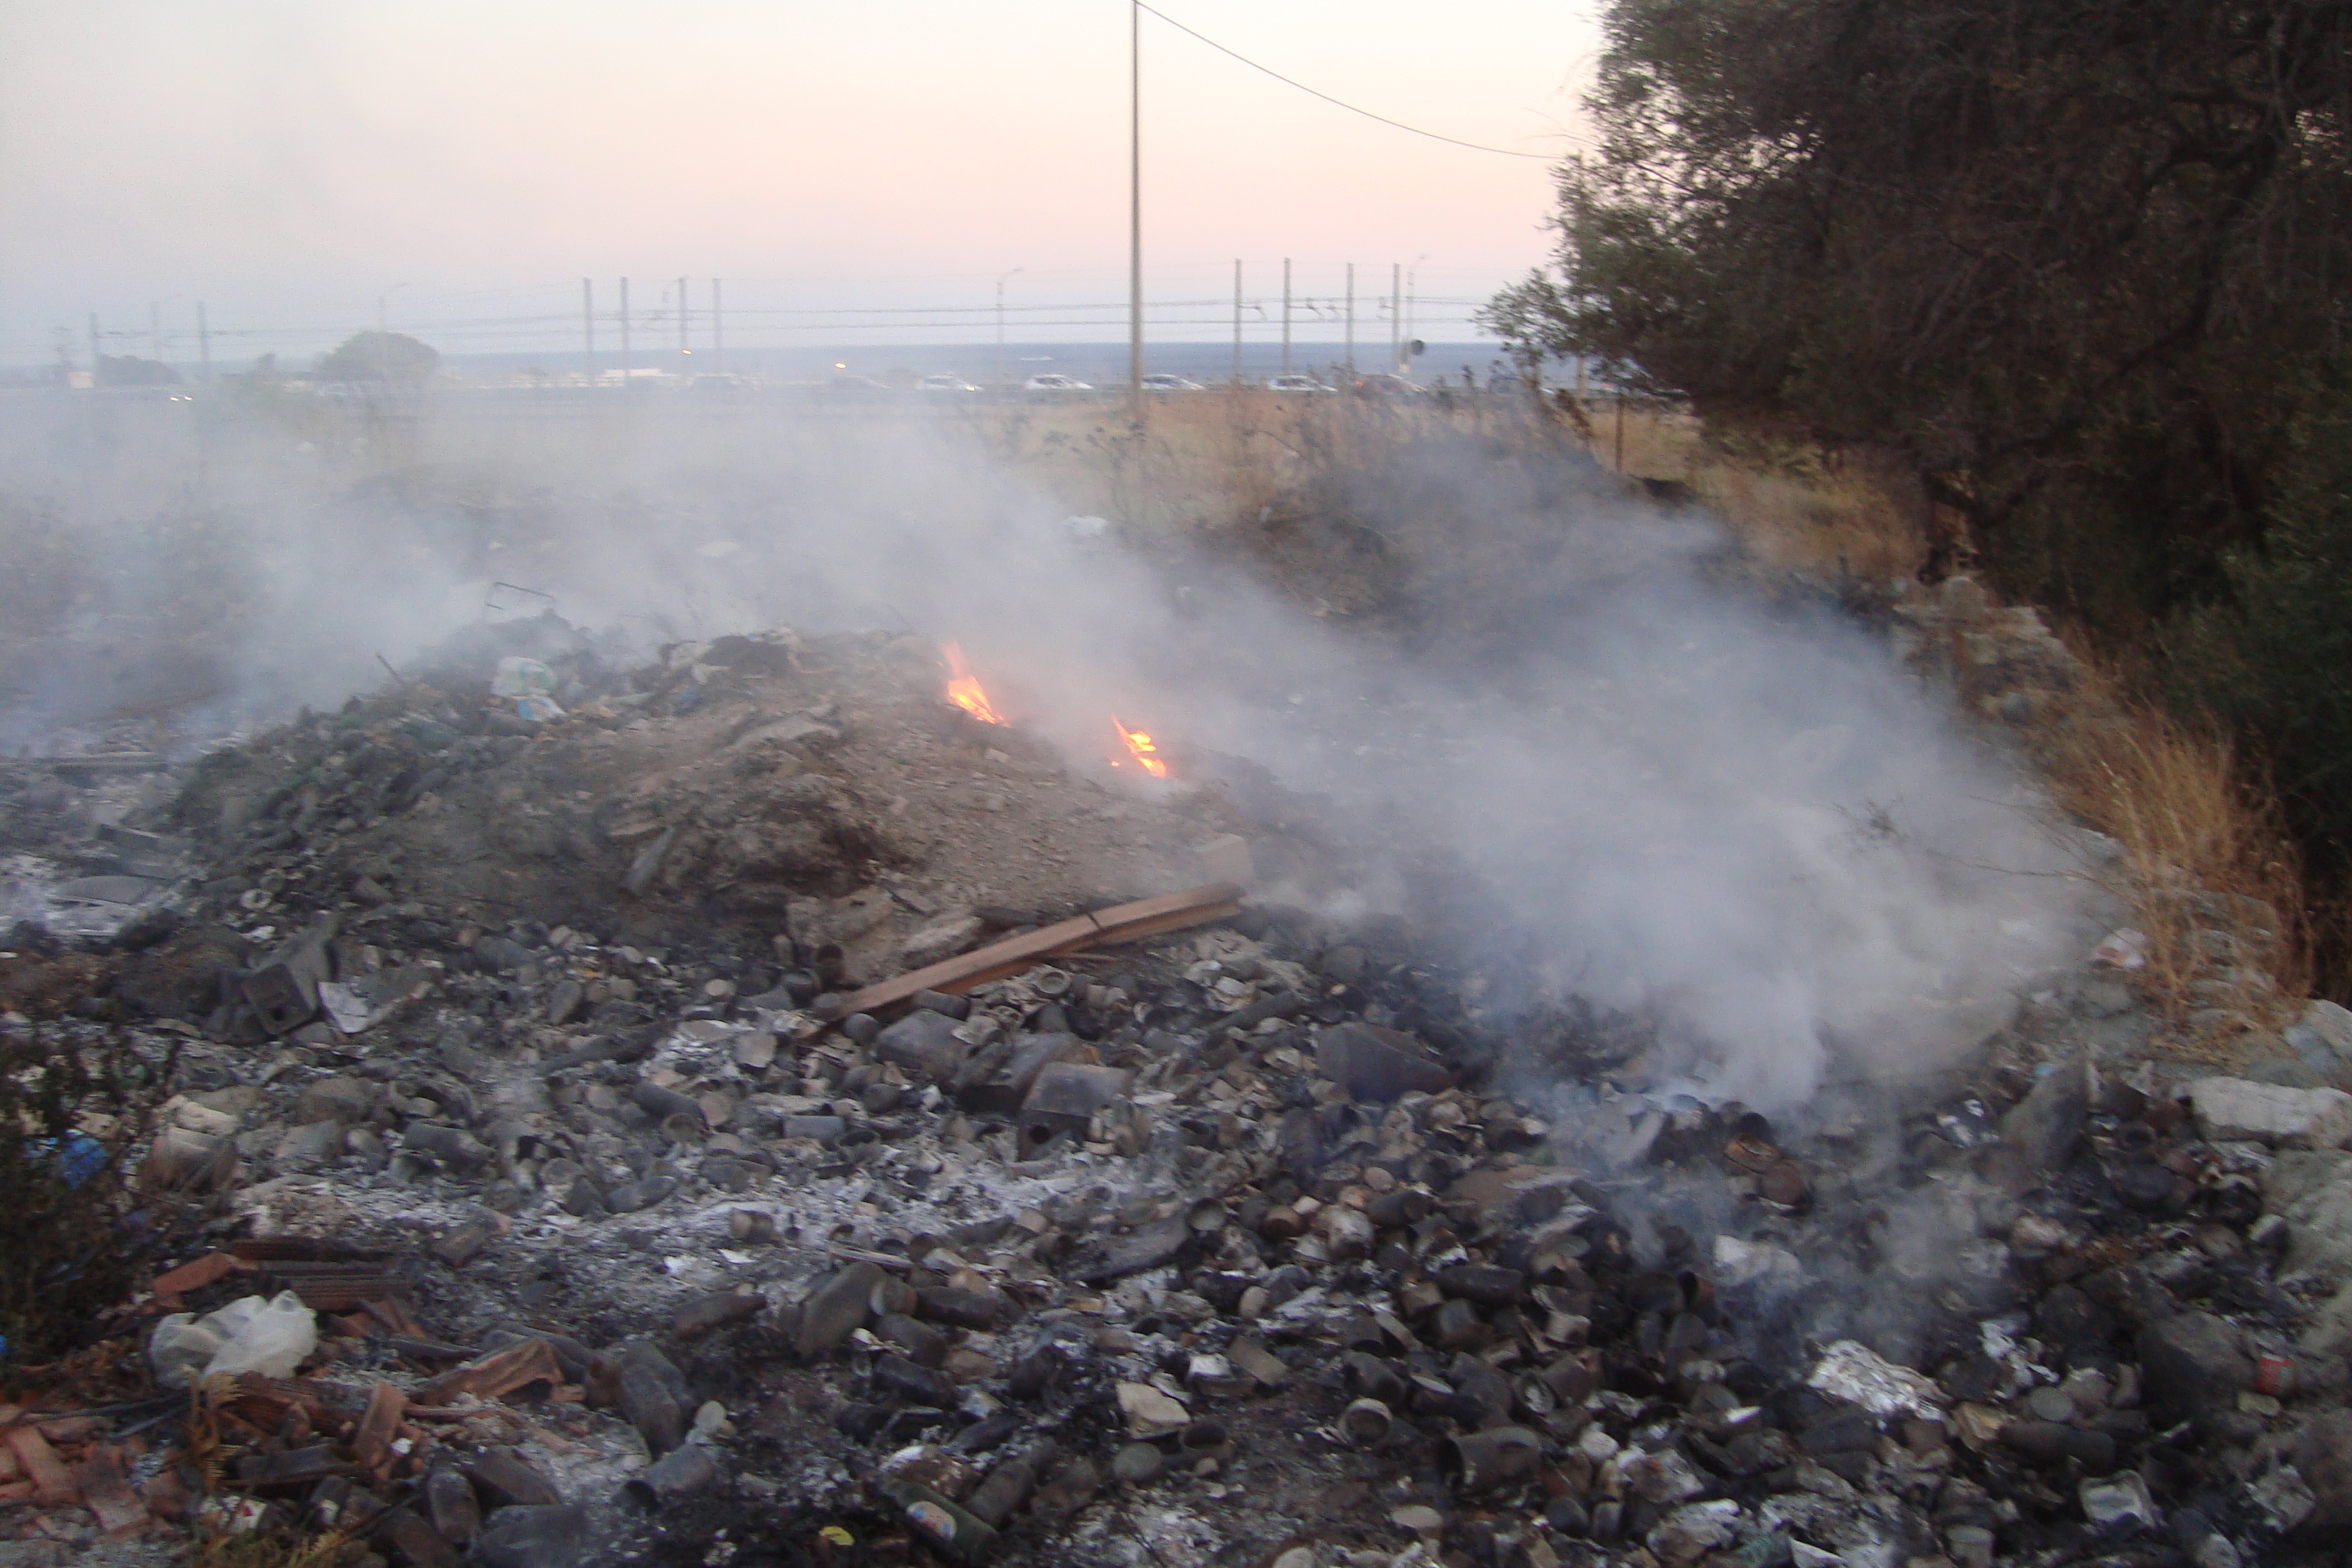 La Procura di Marsala apre un'inchiesta su caos rifiuti a Mazara del Vallo e Castelvetrano